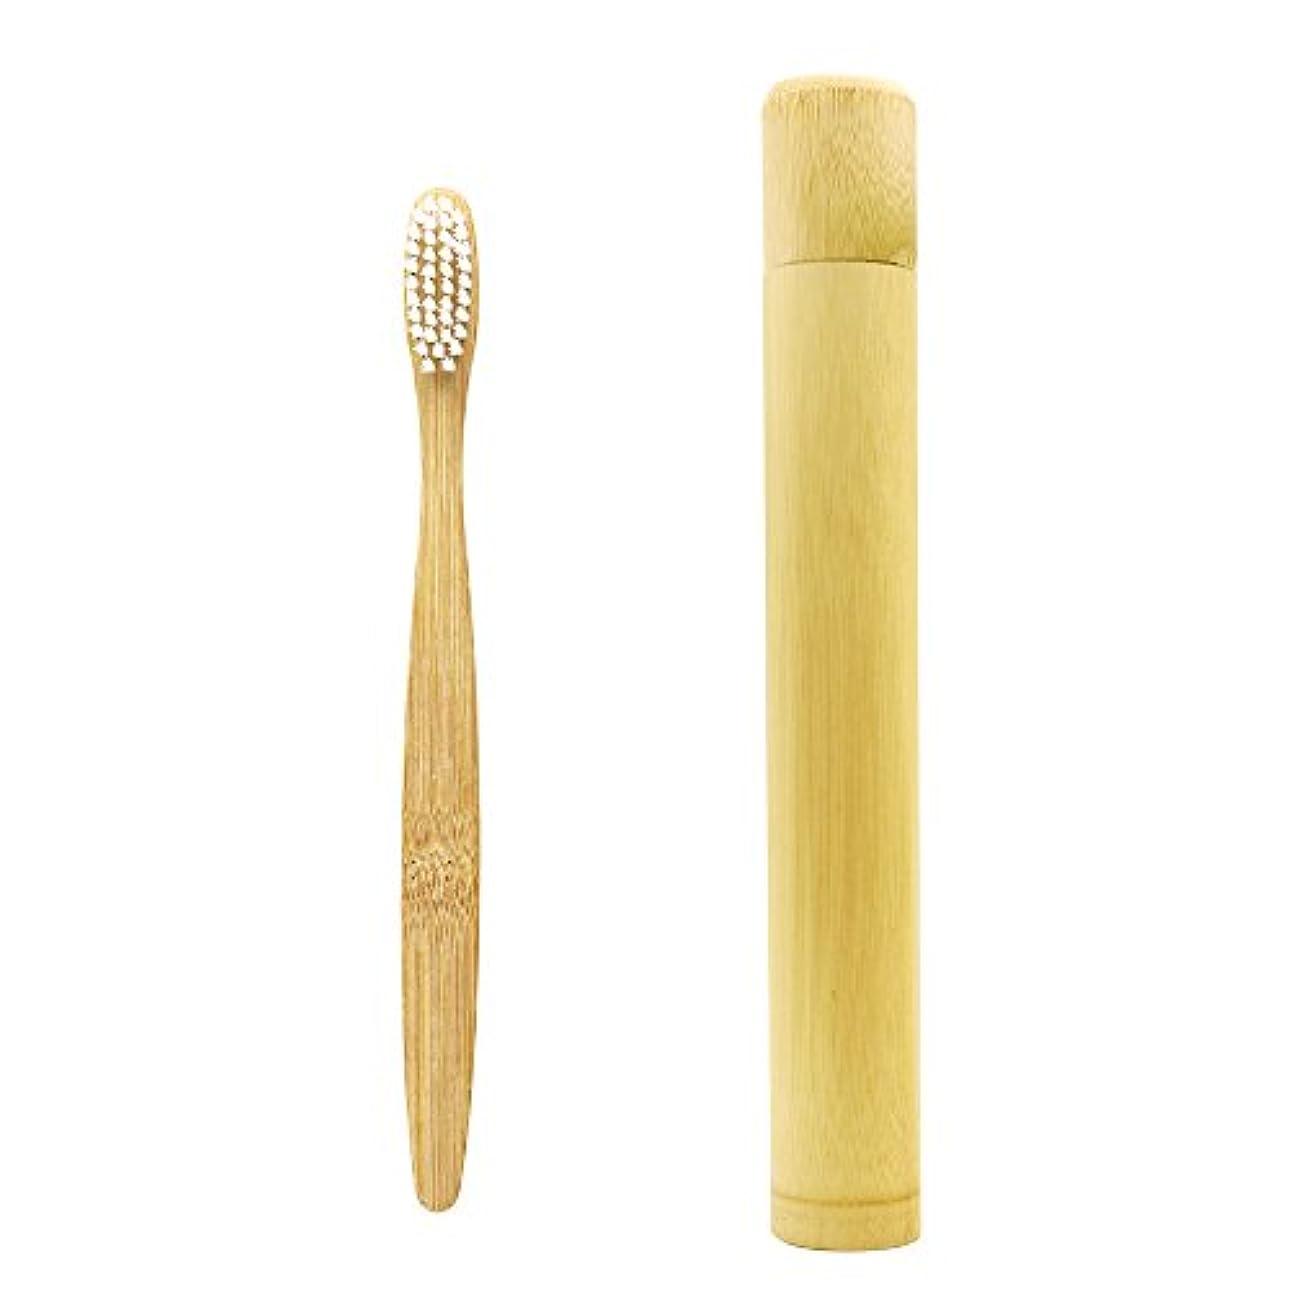 不変バルーン連結するMaxcrestas - BPAフリーナイロンを清掃1 PC/竹炭チューブ歯ブラシ天然繊維ウルトラソフト竹炭ブラシ歯